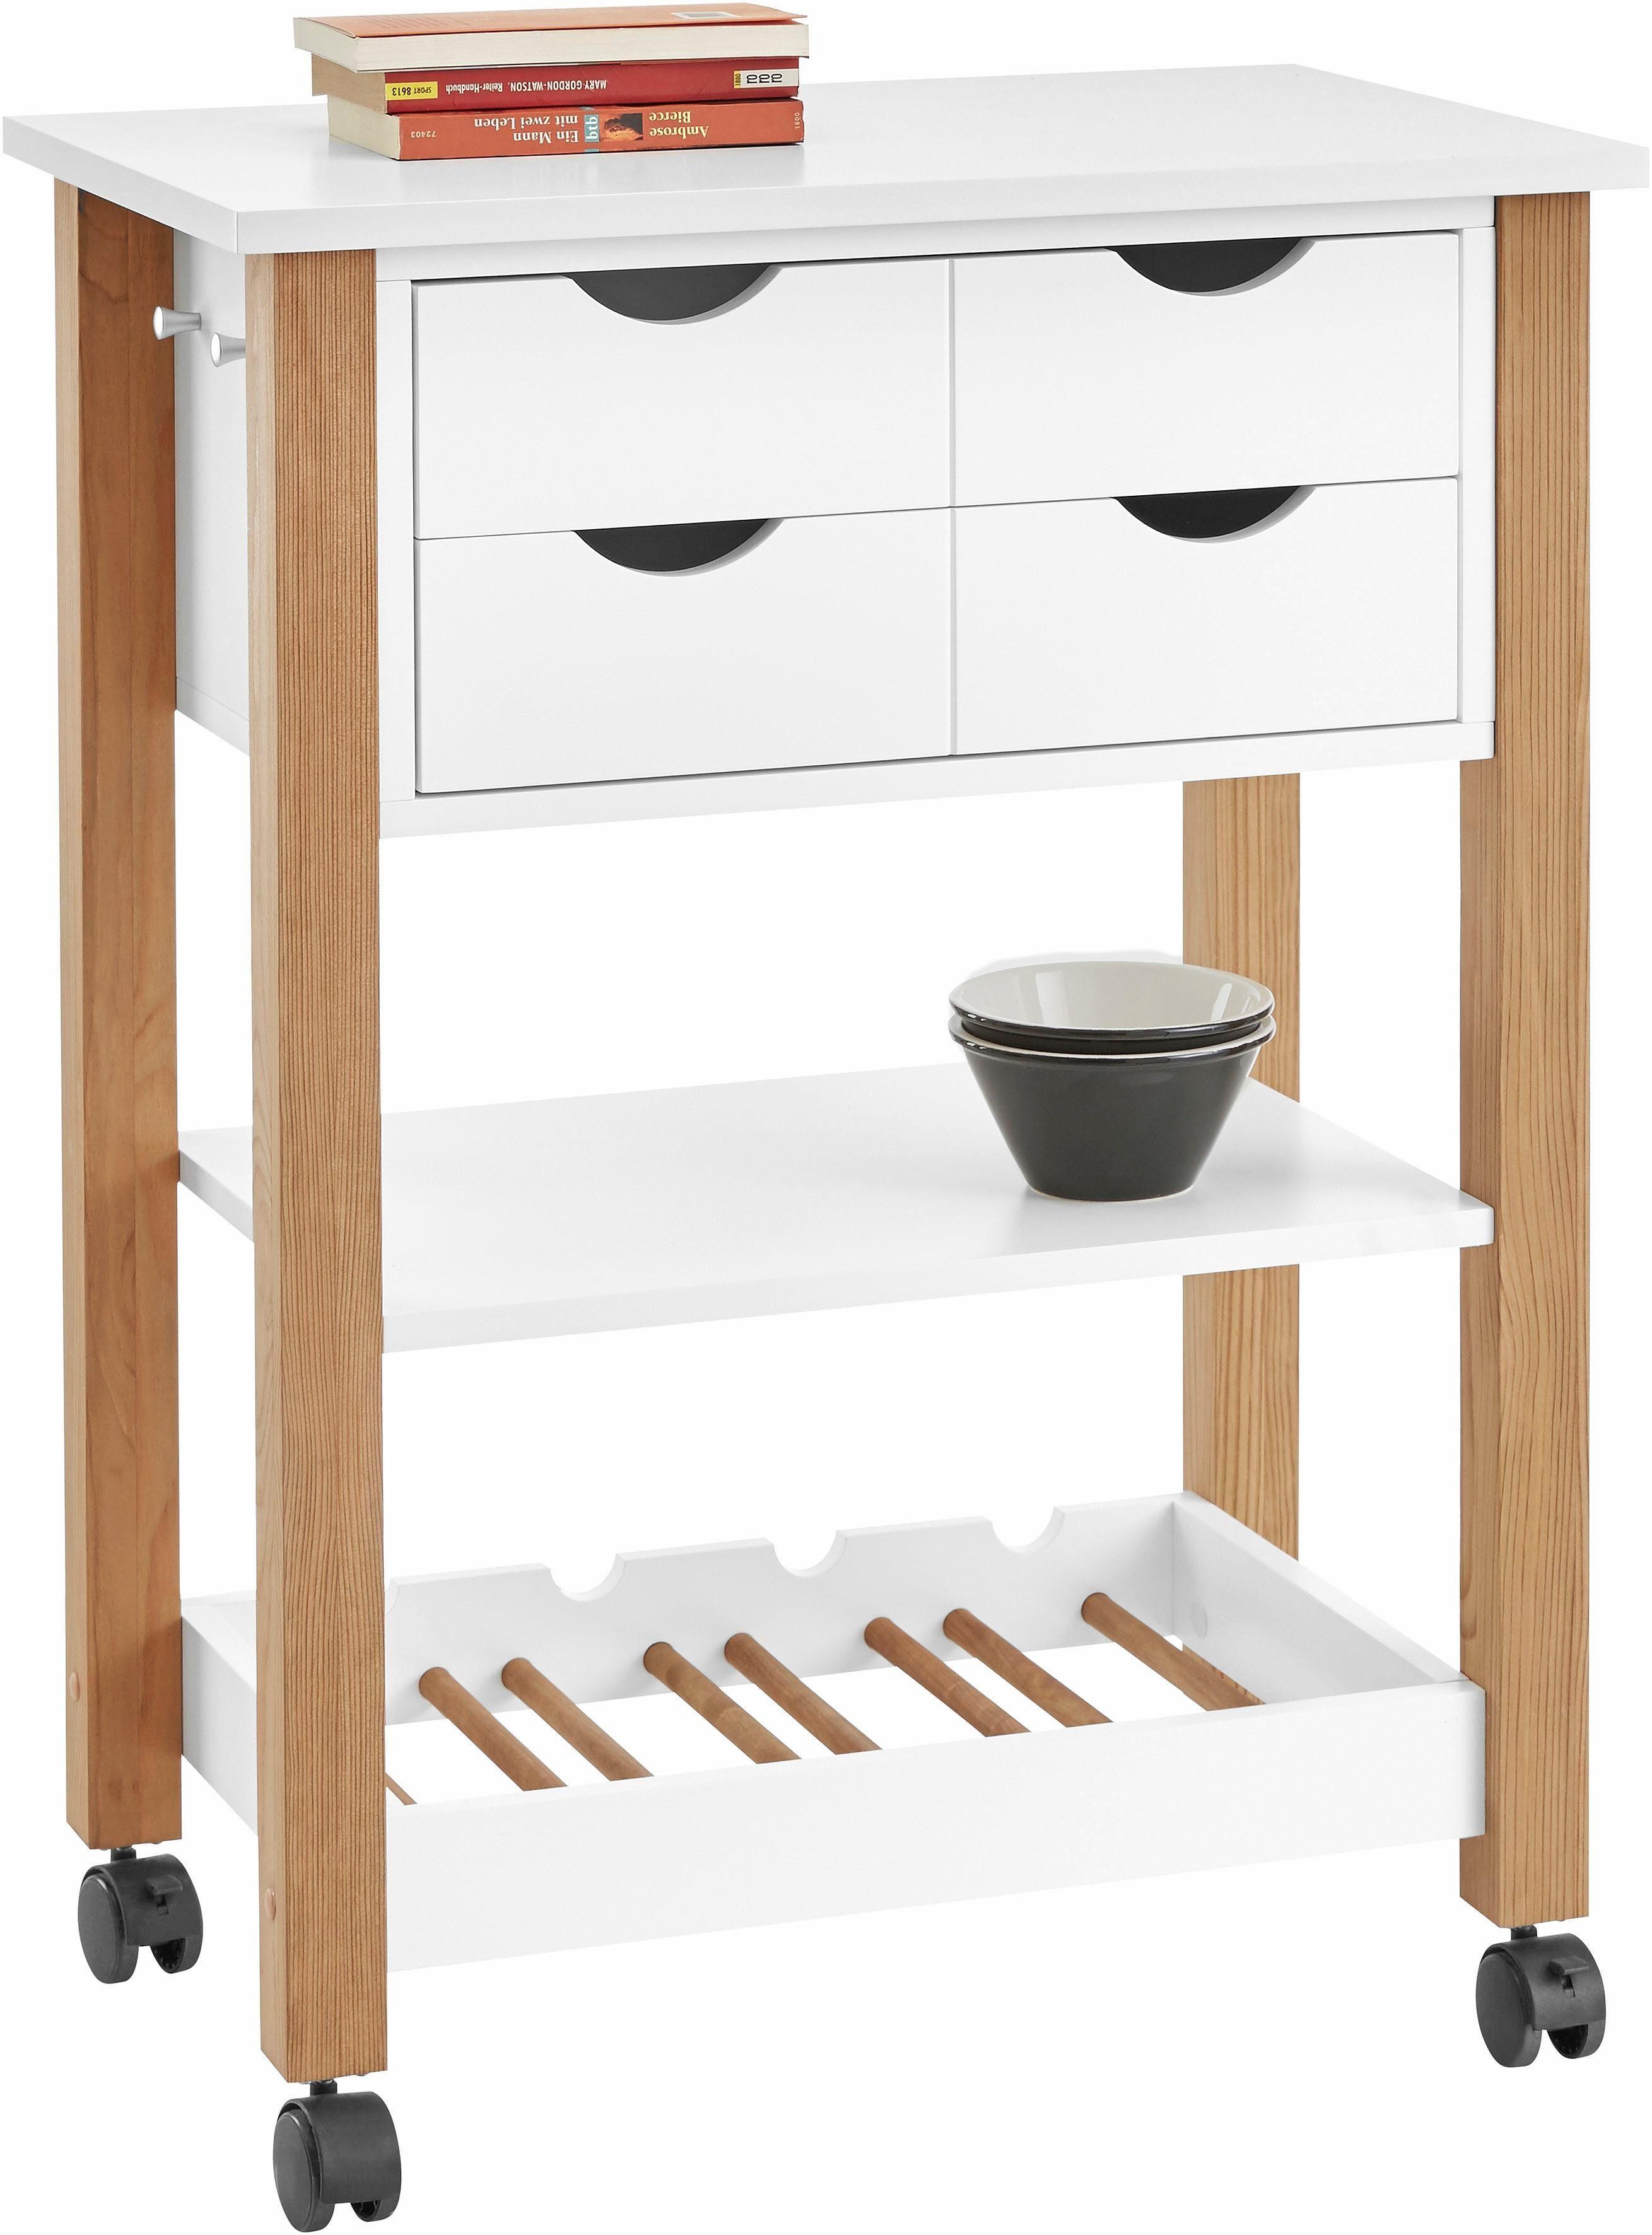 Home affaire Küchenwagen mit 2 Schubladen, Breite 64 cm